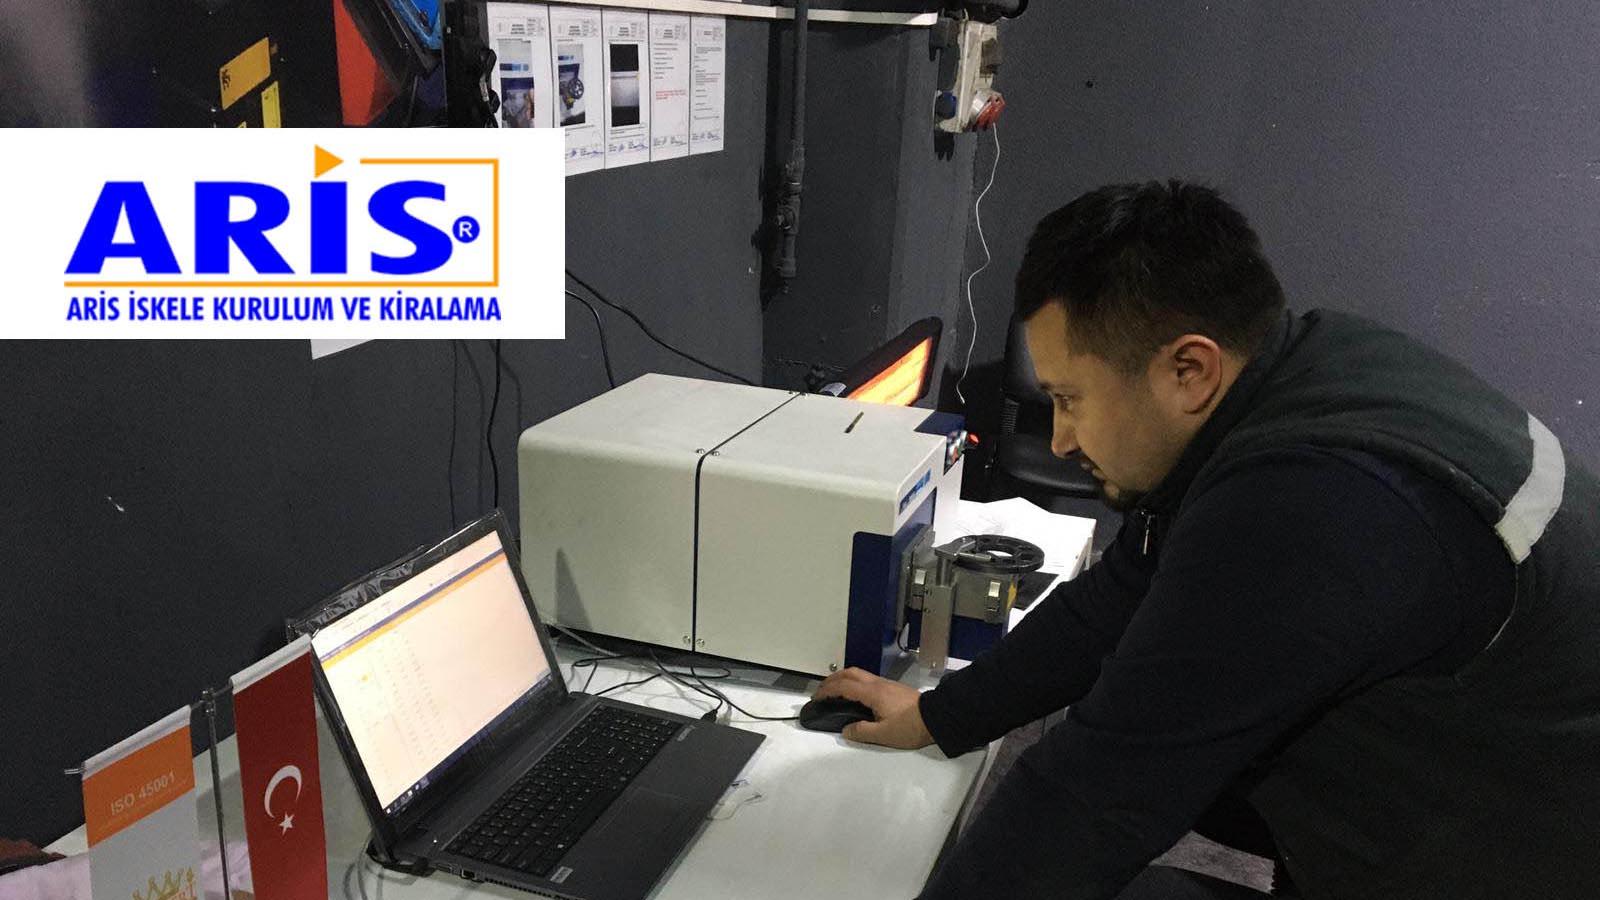 Aris İskele, ürettiği iskelelerin giriş kalite kontrollerini Hitachi Foundry Master Smart optik emisyon spektrometresiyle yapmaya başladı!